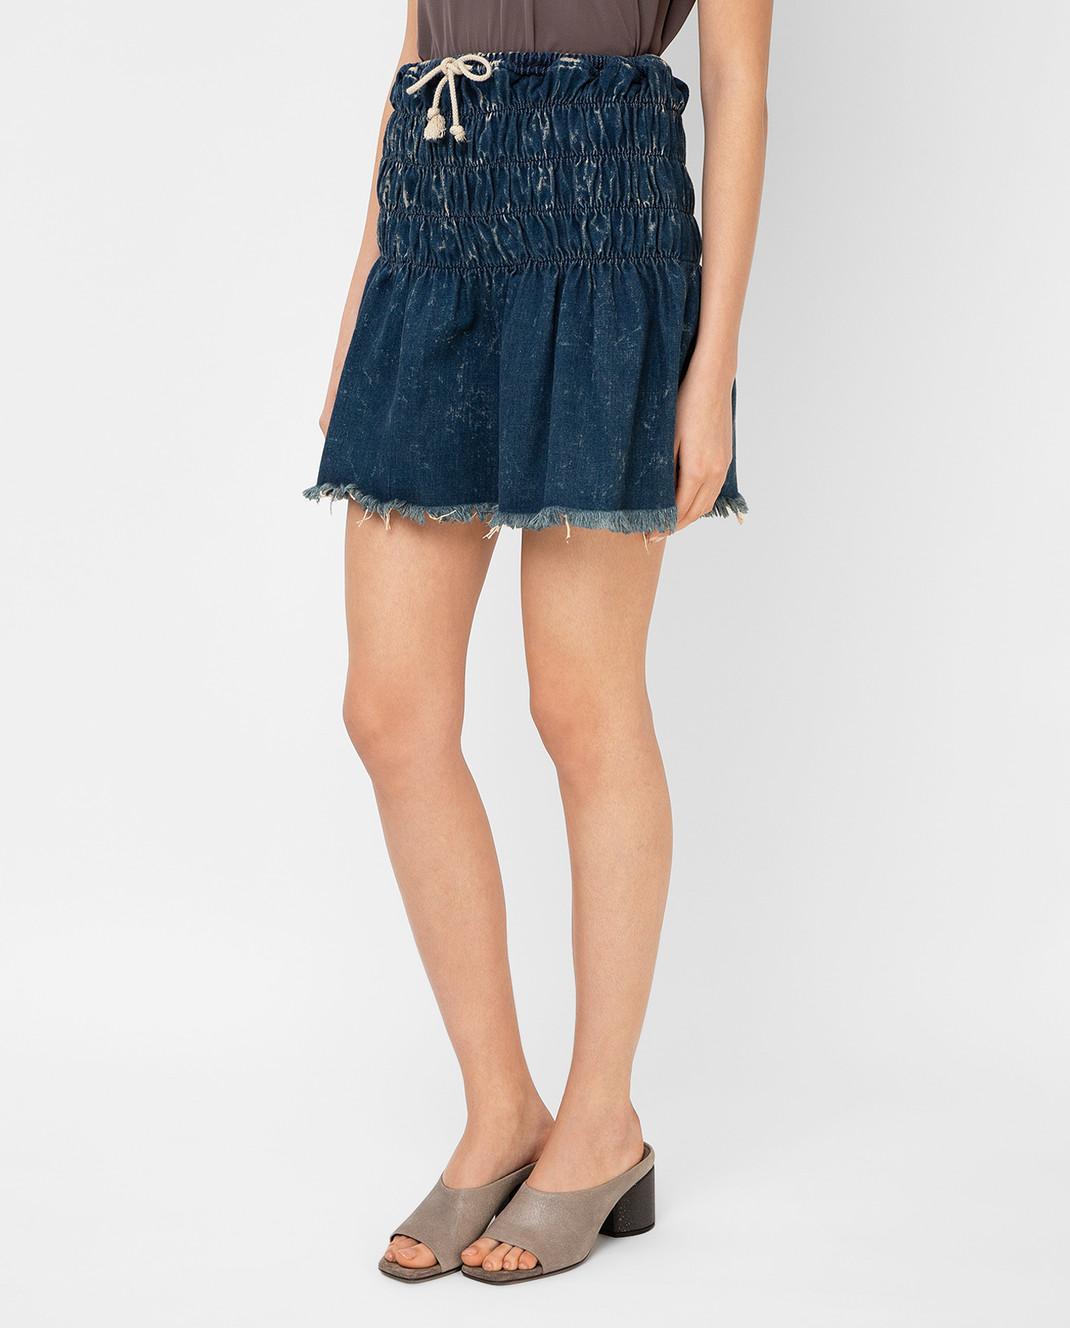 Chloe Темно-синяя джинсовая юбка 16EDJ02 изображение 3